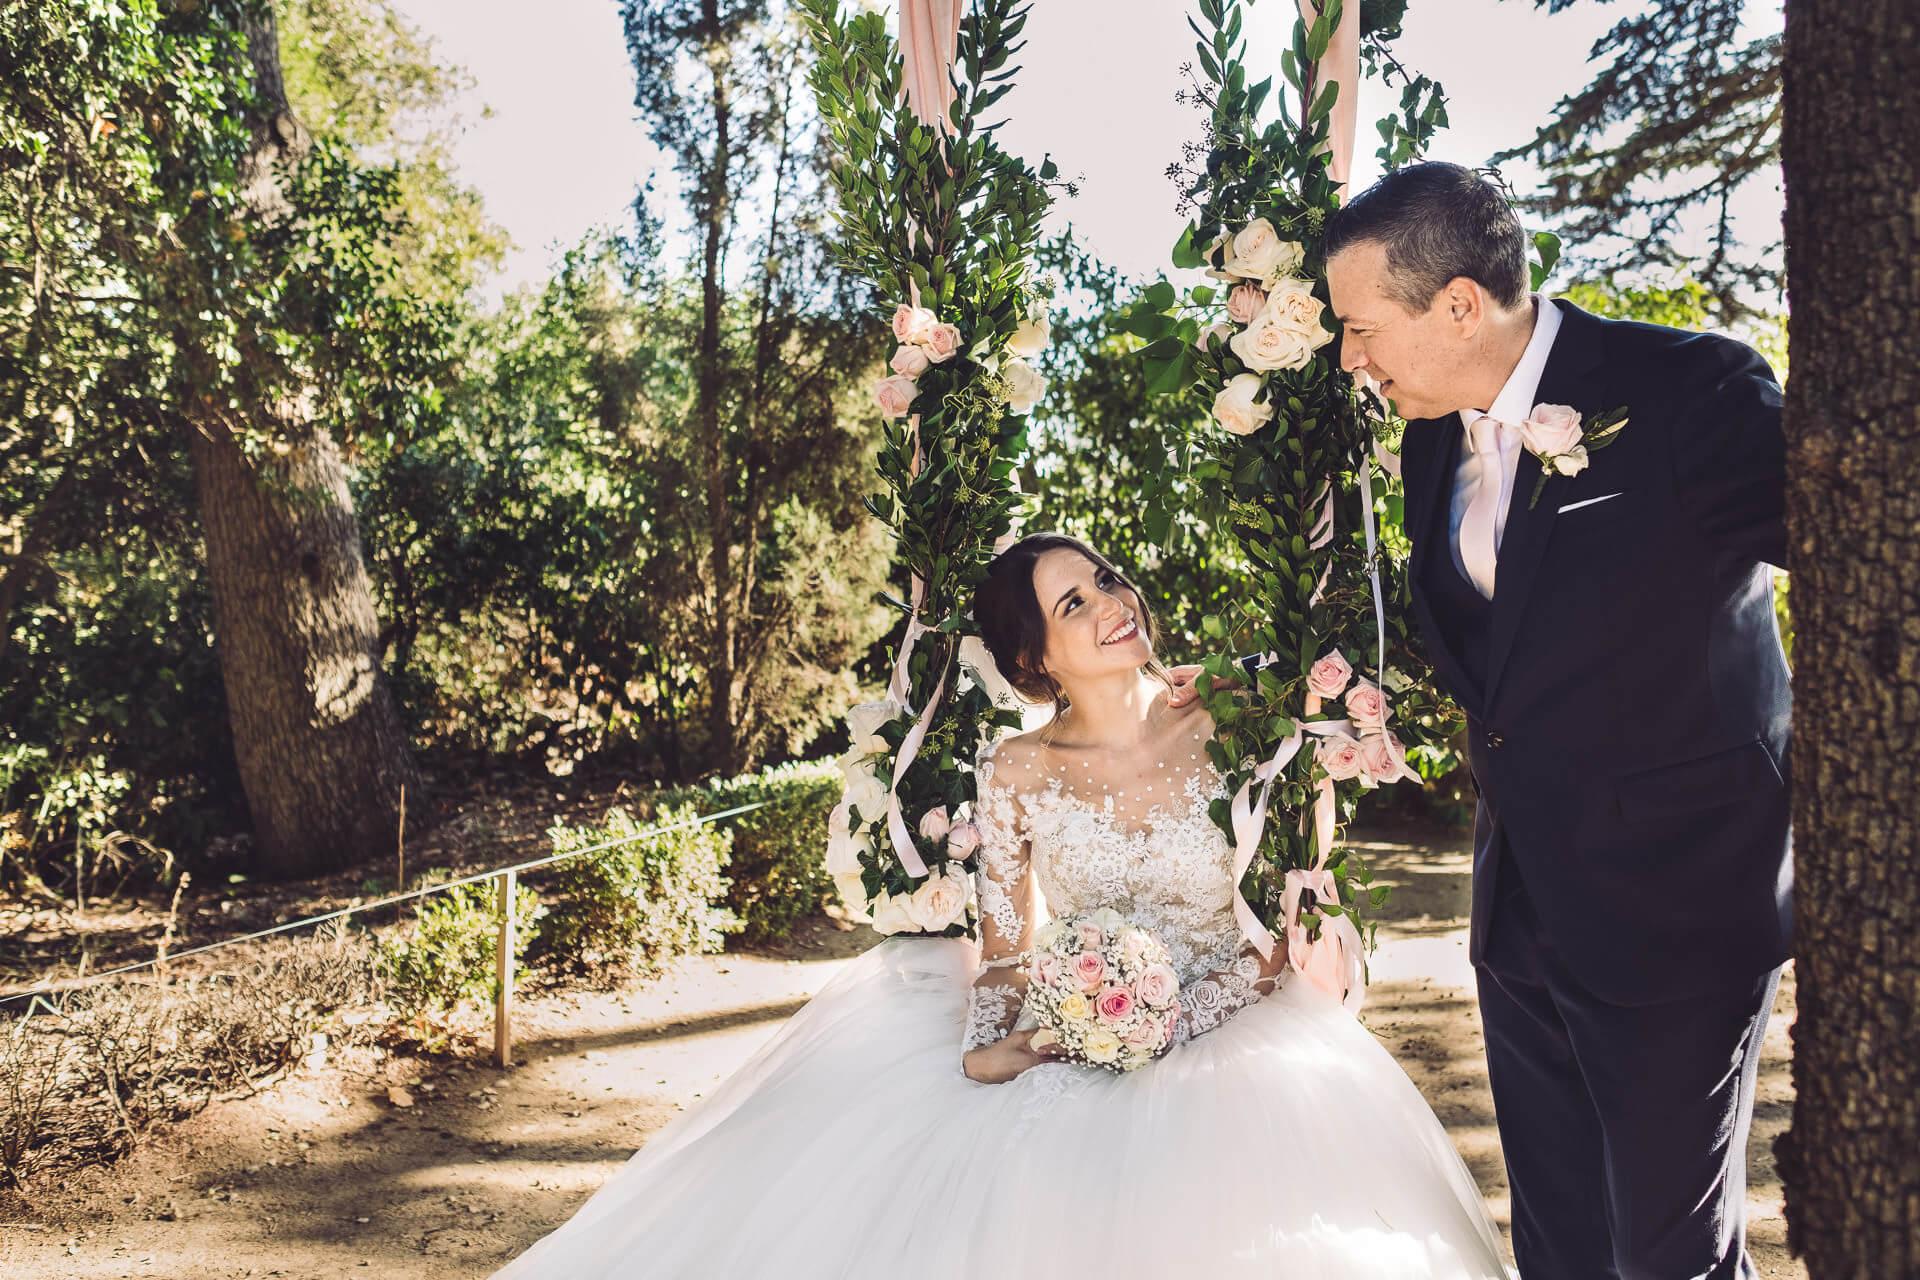 photographe mariage montpellier chateau de la mogere